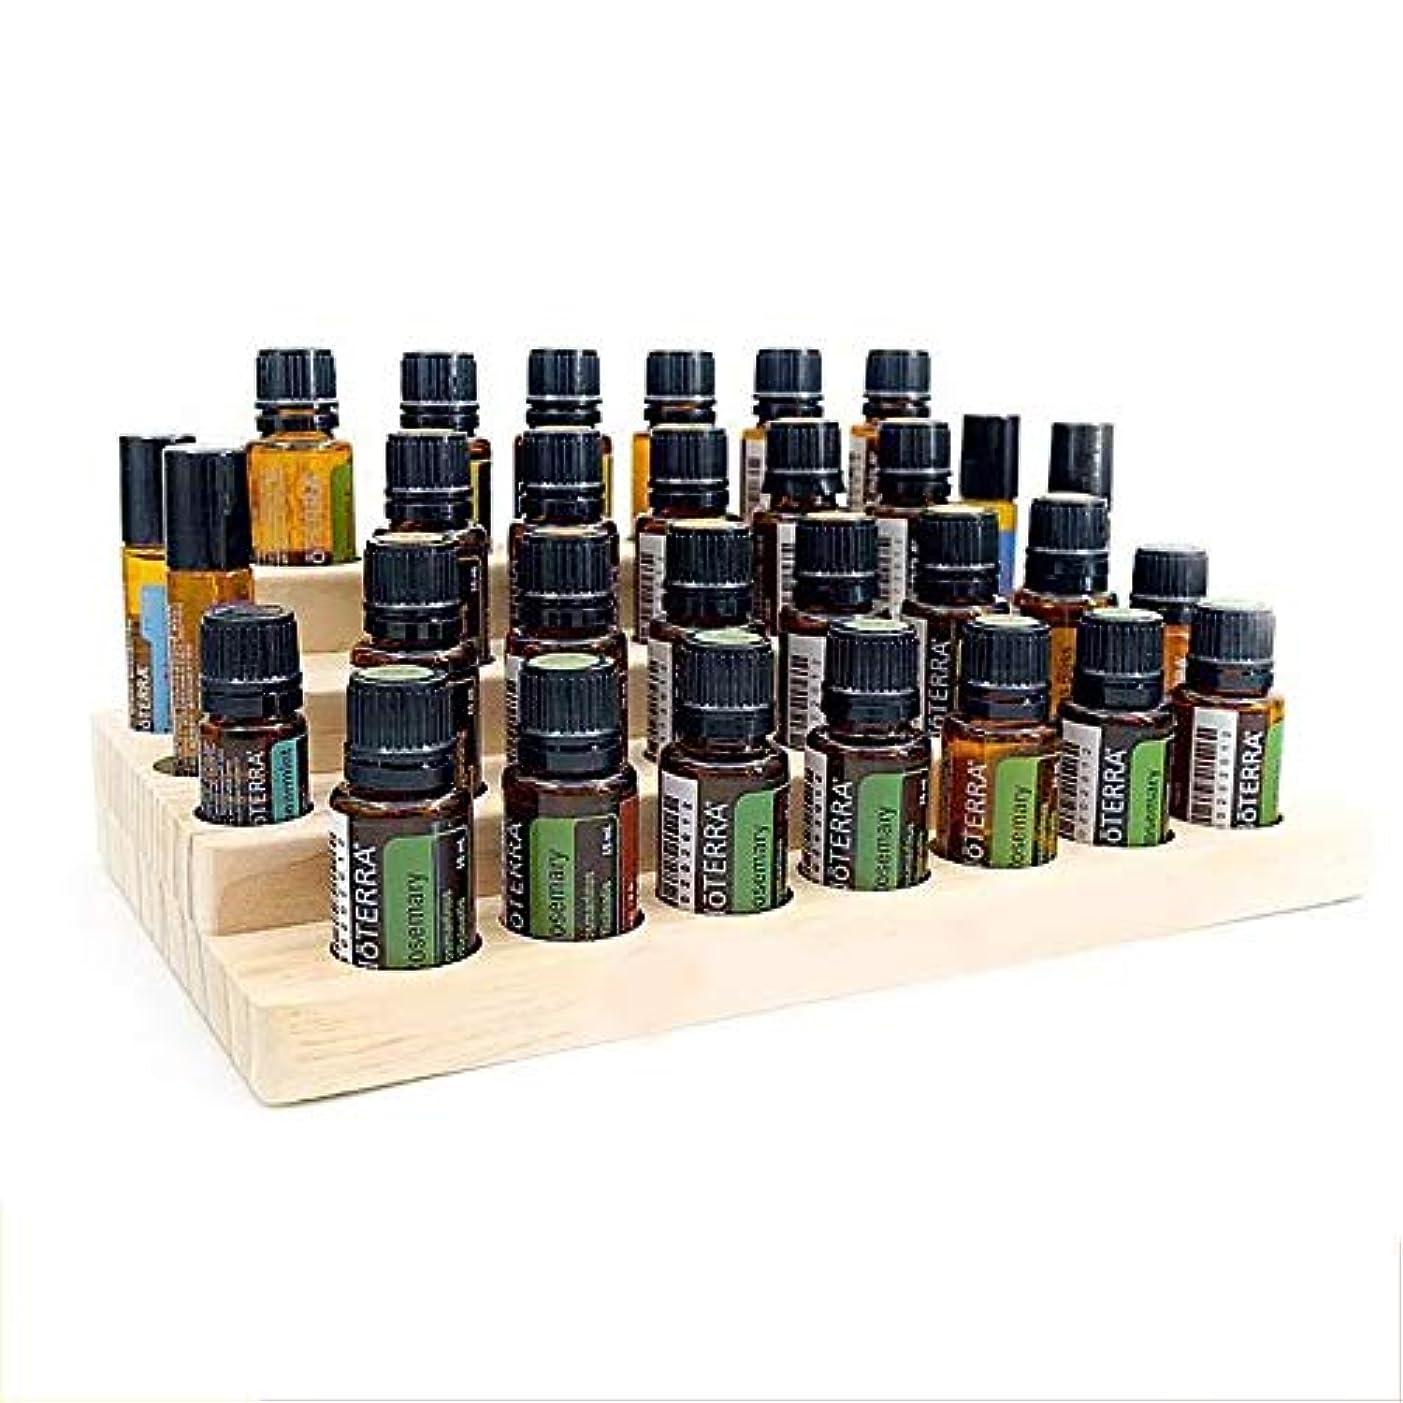 従う変える問い合わせ30スロット木製エッセンシャルオイル木製ボックス油の収納ケースは、30本のボトルを保持します アロマセラピー製品 (色 : Natural, サイズ : 28.7X16.7X7.8CM)